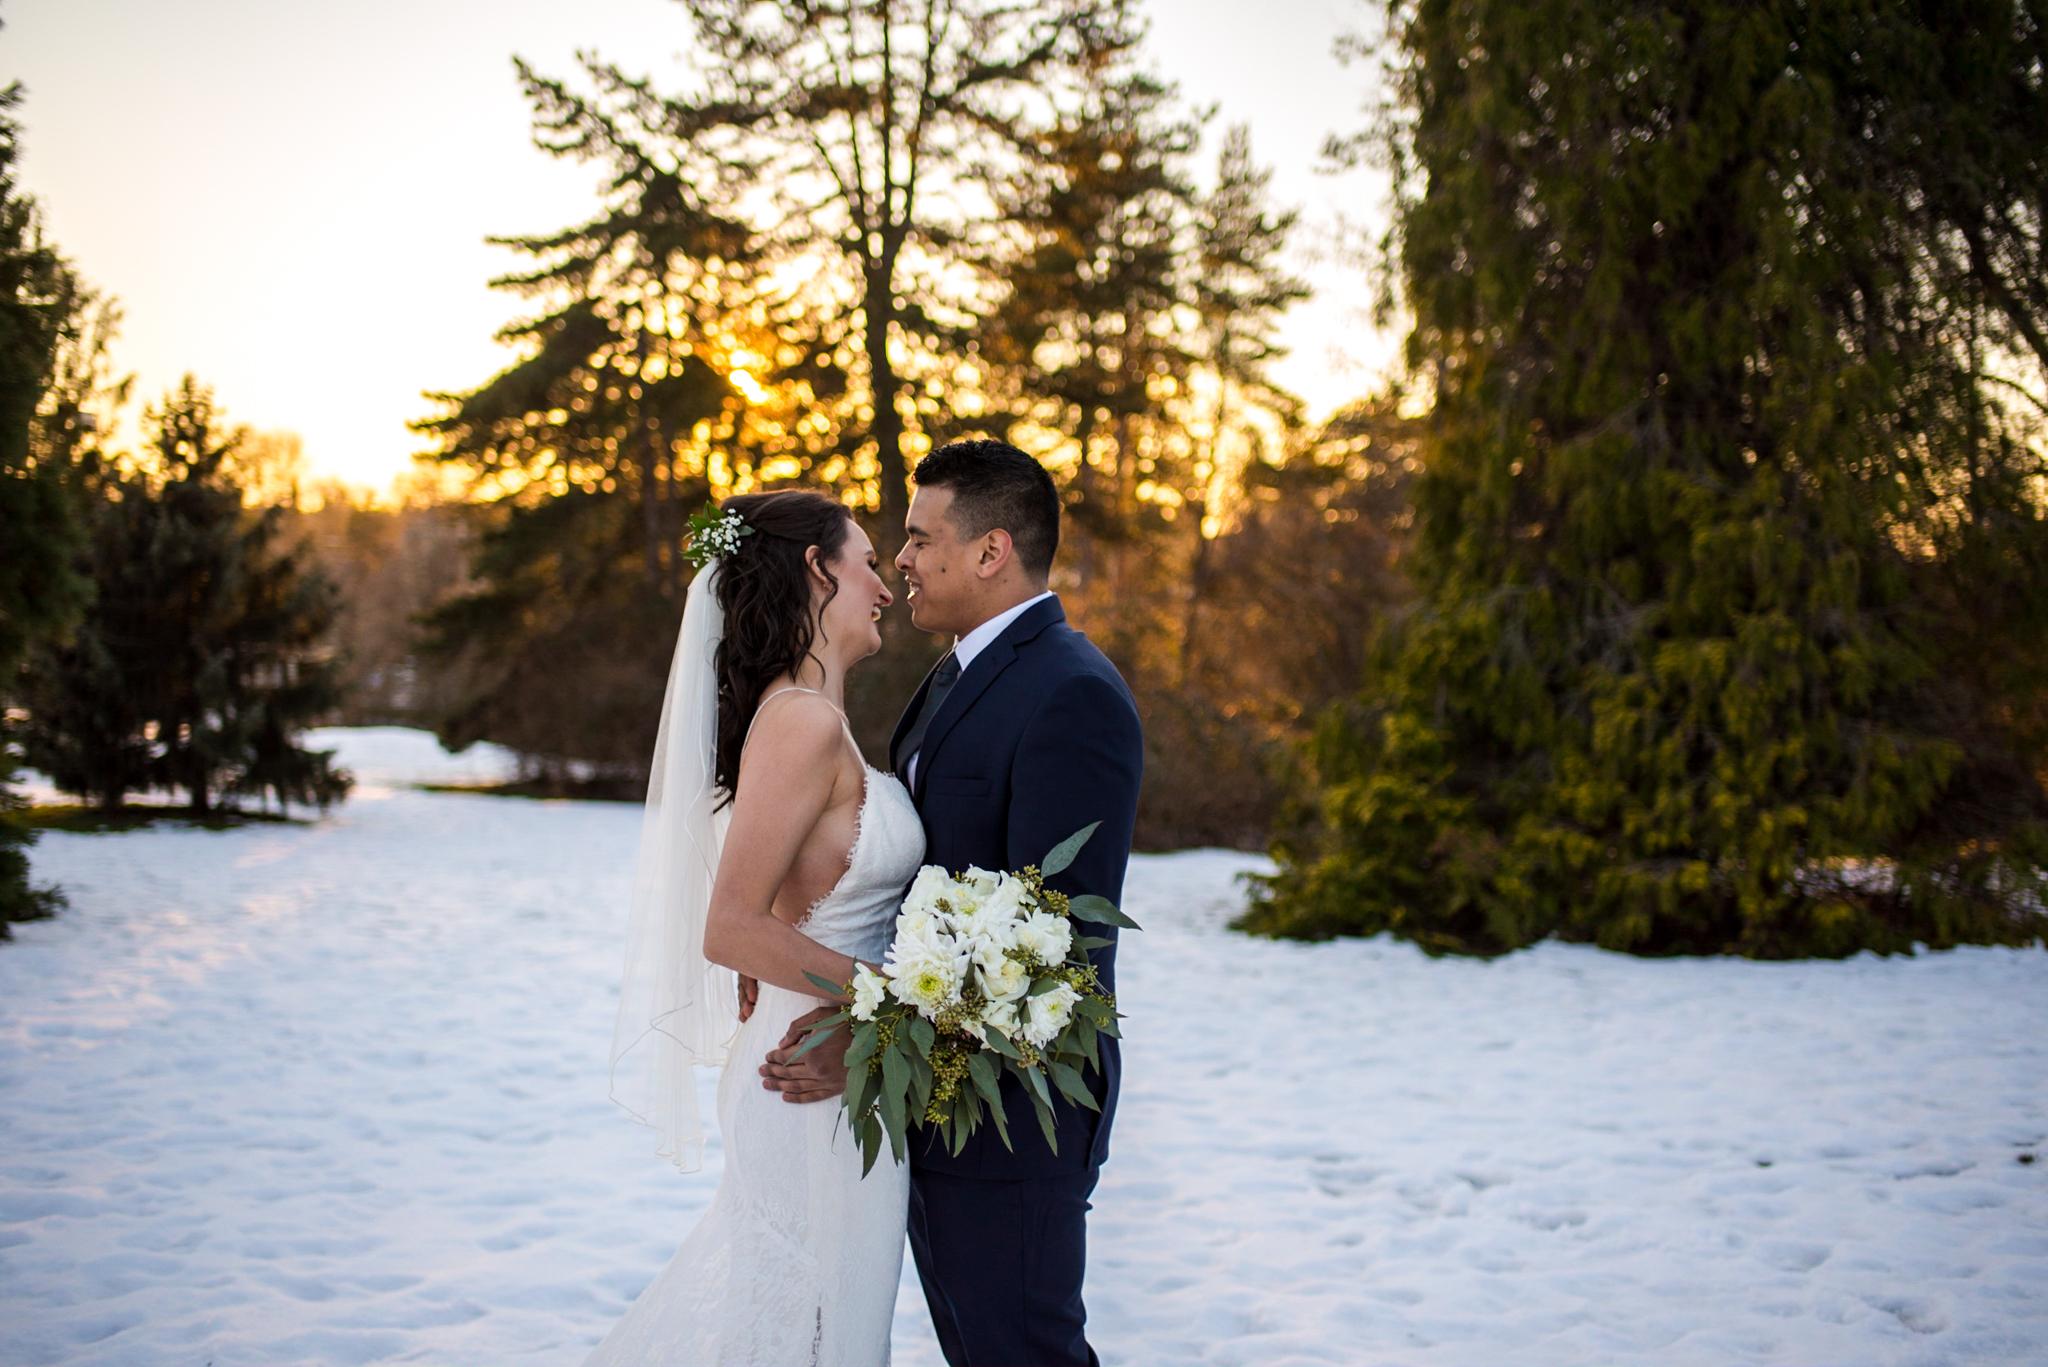 Queen Elizabeth Park Wedding Photographer-51.JPG